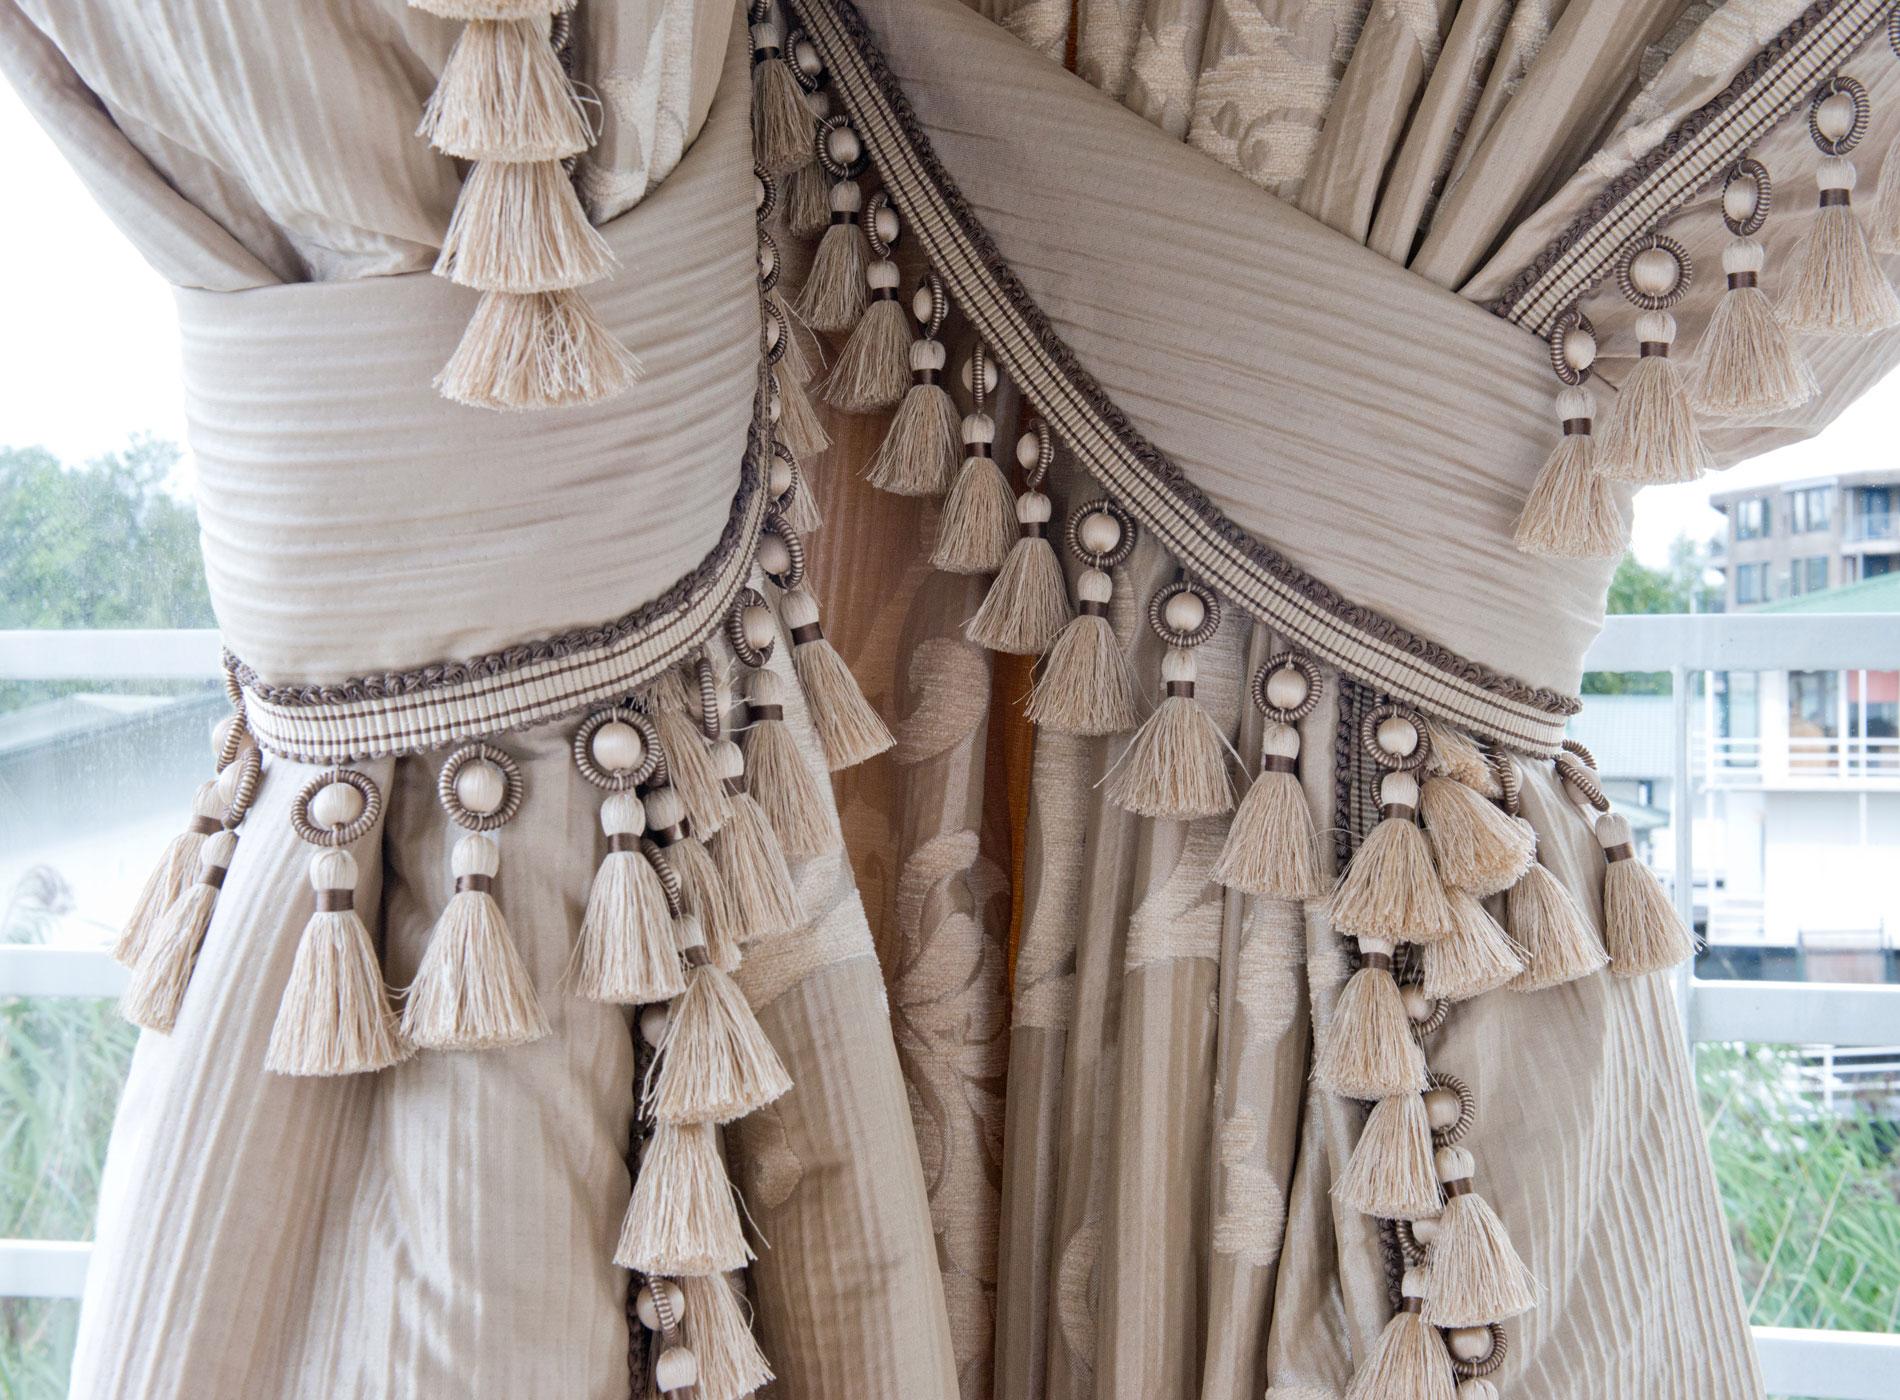 houls arte della tenda kunst van gordijnen